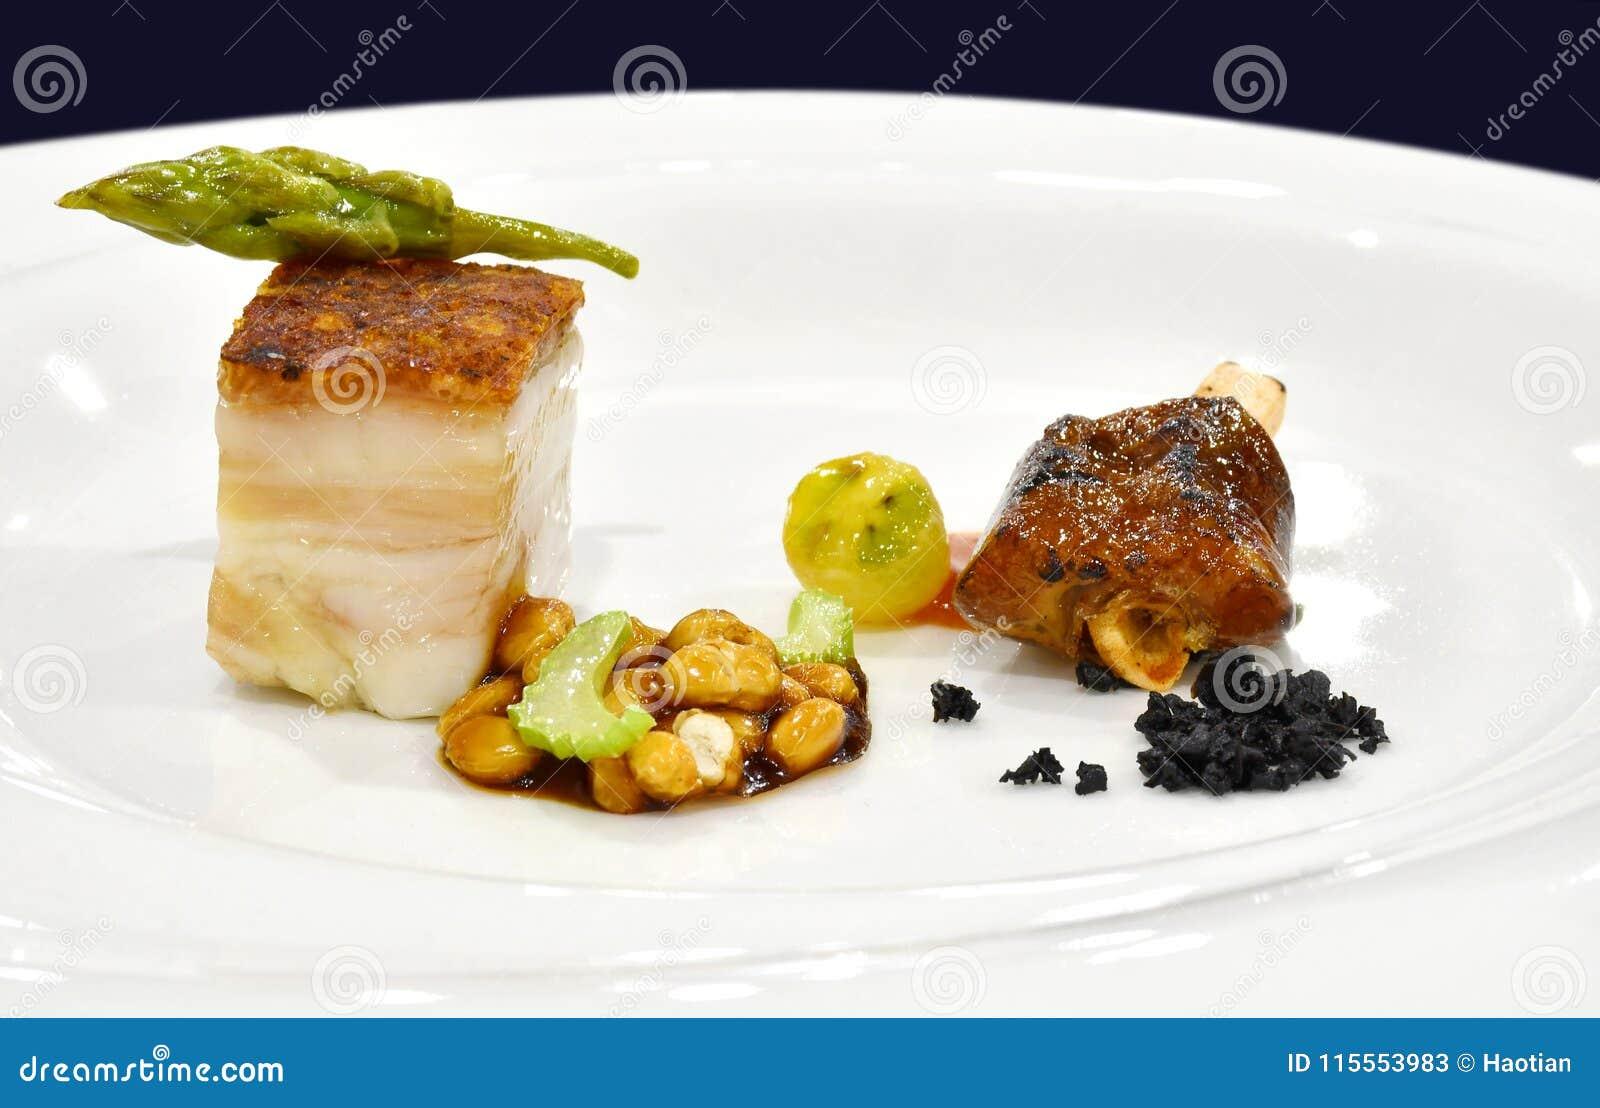 Verurteilung, Zutritt speisend: Knusperiger Schweinebauch mit Bean Stew und BBQ P